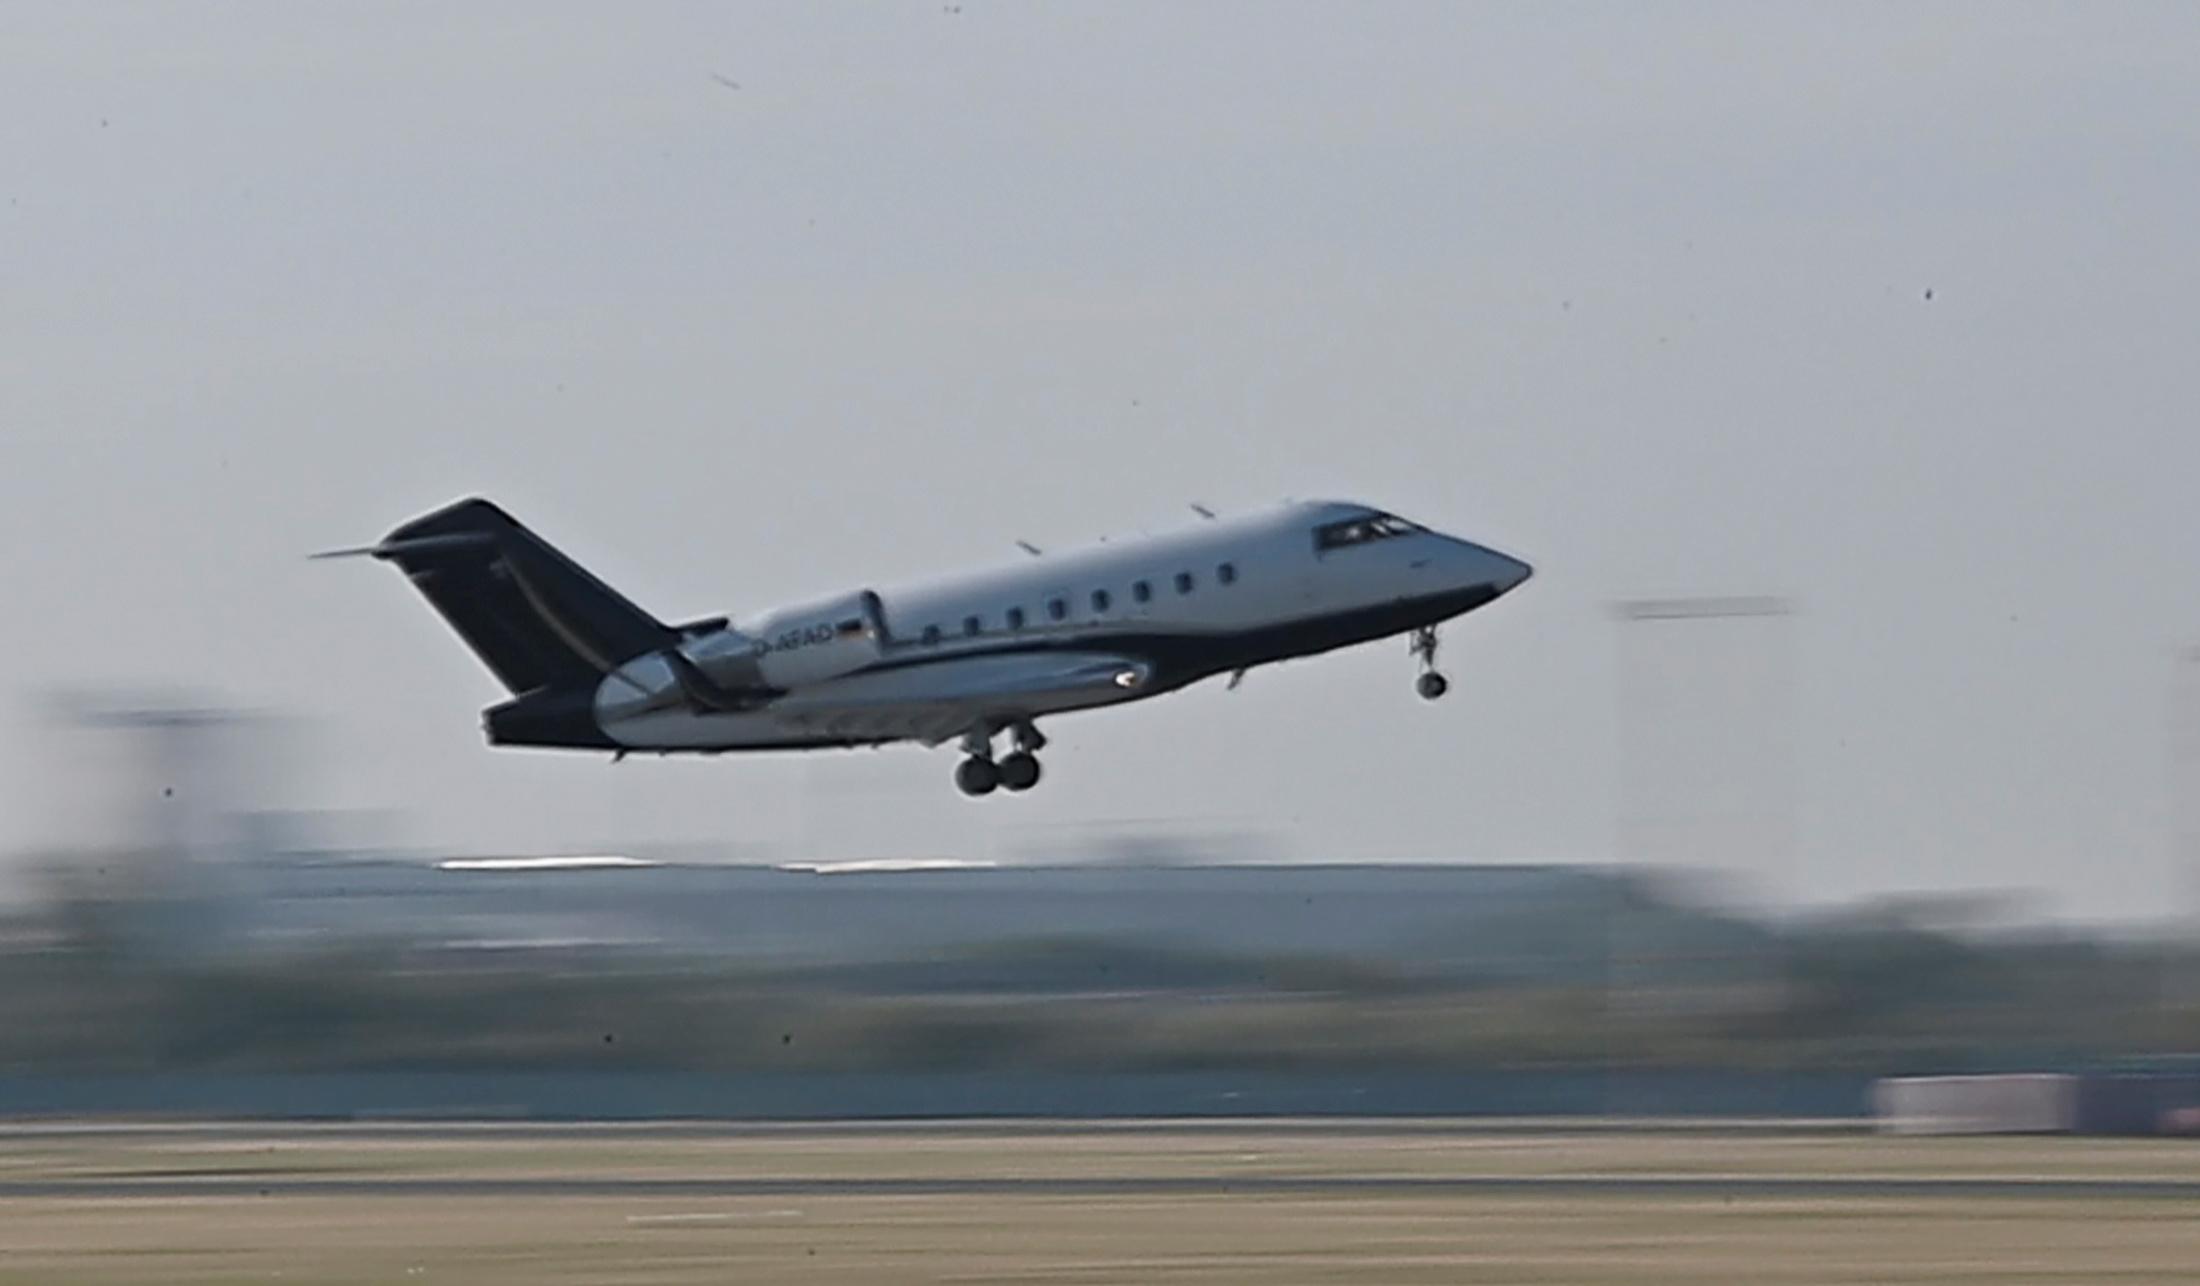 Θεσσαλονίκη: Νέα στοιχεία για τον σάτυρο επιβάτη που έκανε άνω – κάτω την πτήση για Αθήνα (video)